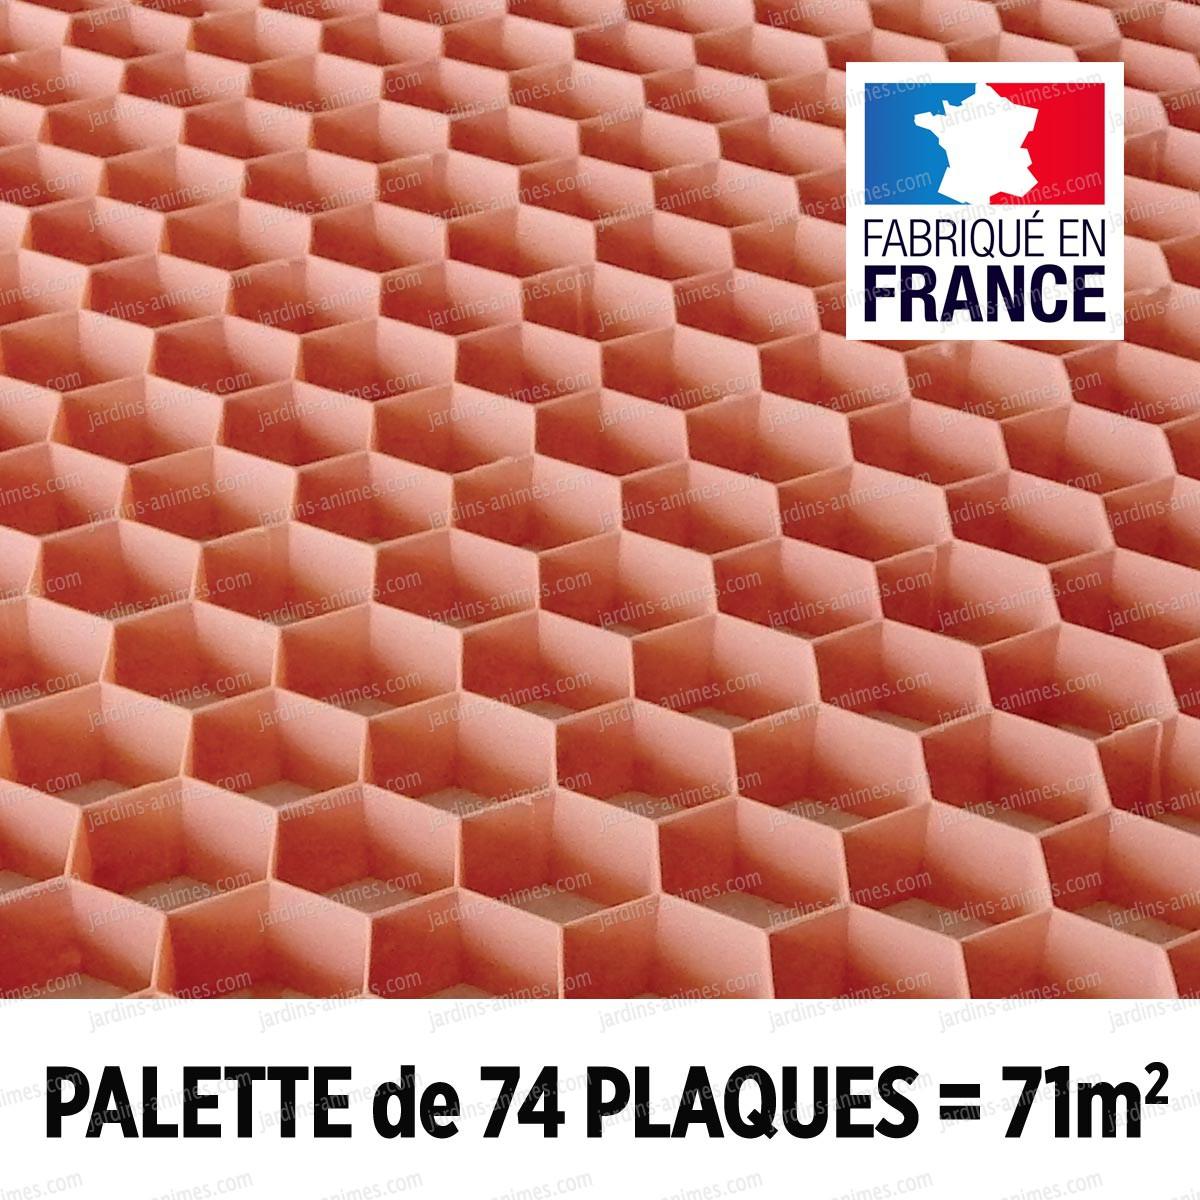 palette stabilisation gravier nidagravel rose 120x80cm x 74 plaques 71m2 all e. Black Bedroom Furniture Sets. Home Design Ideas